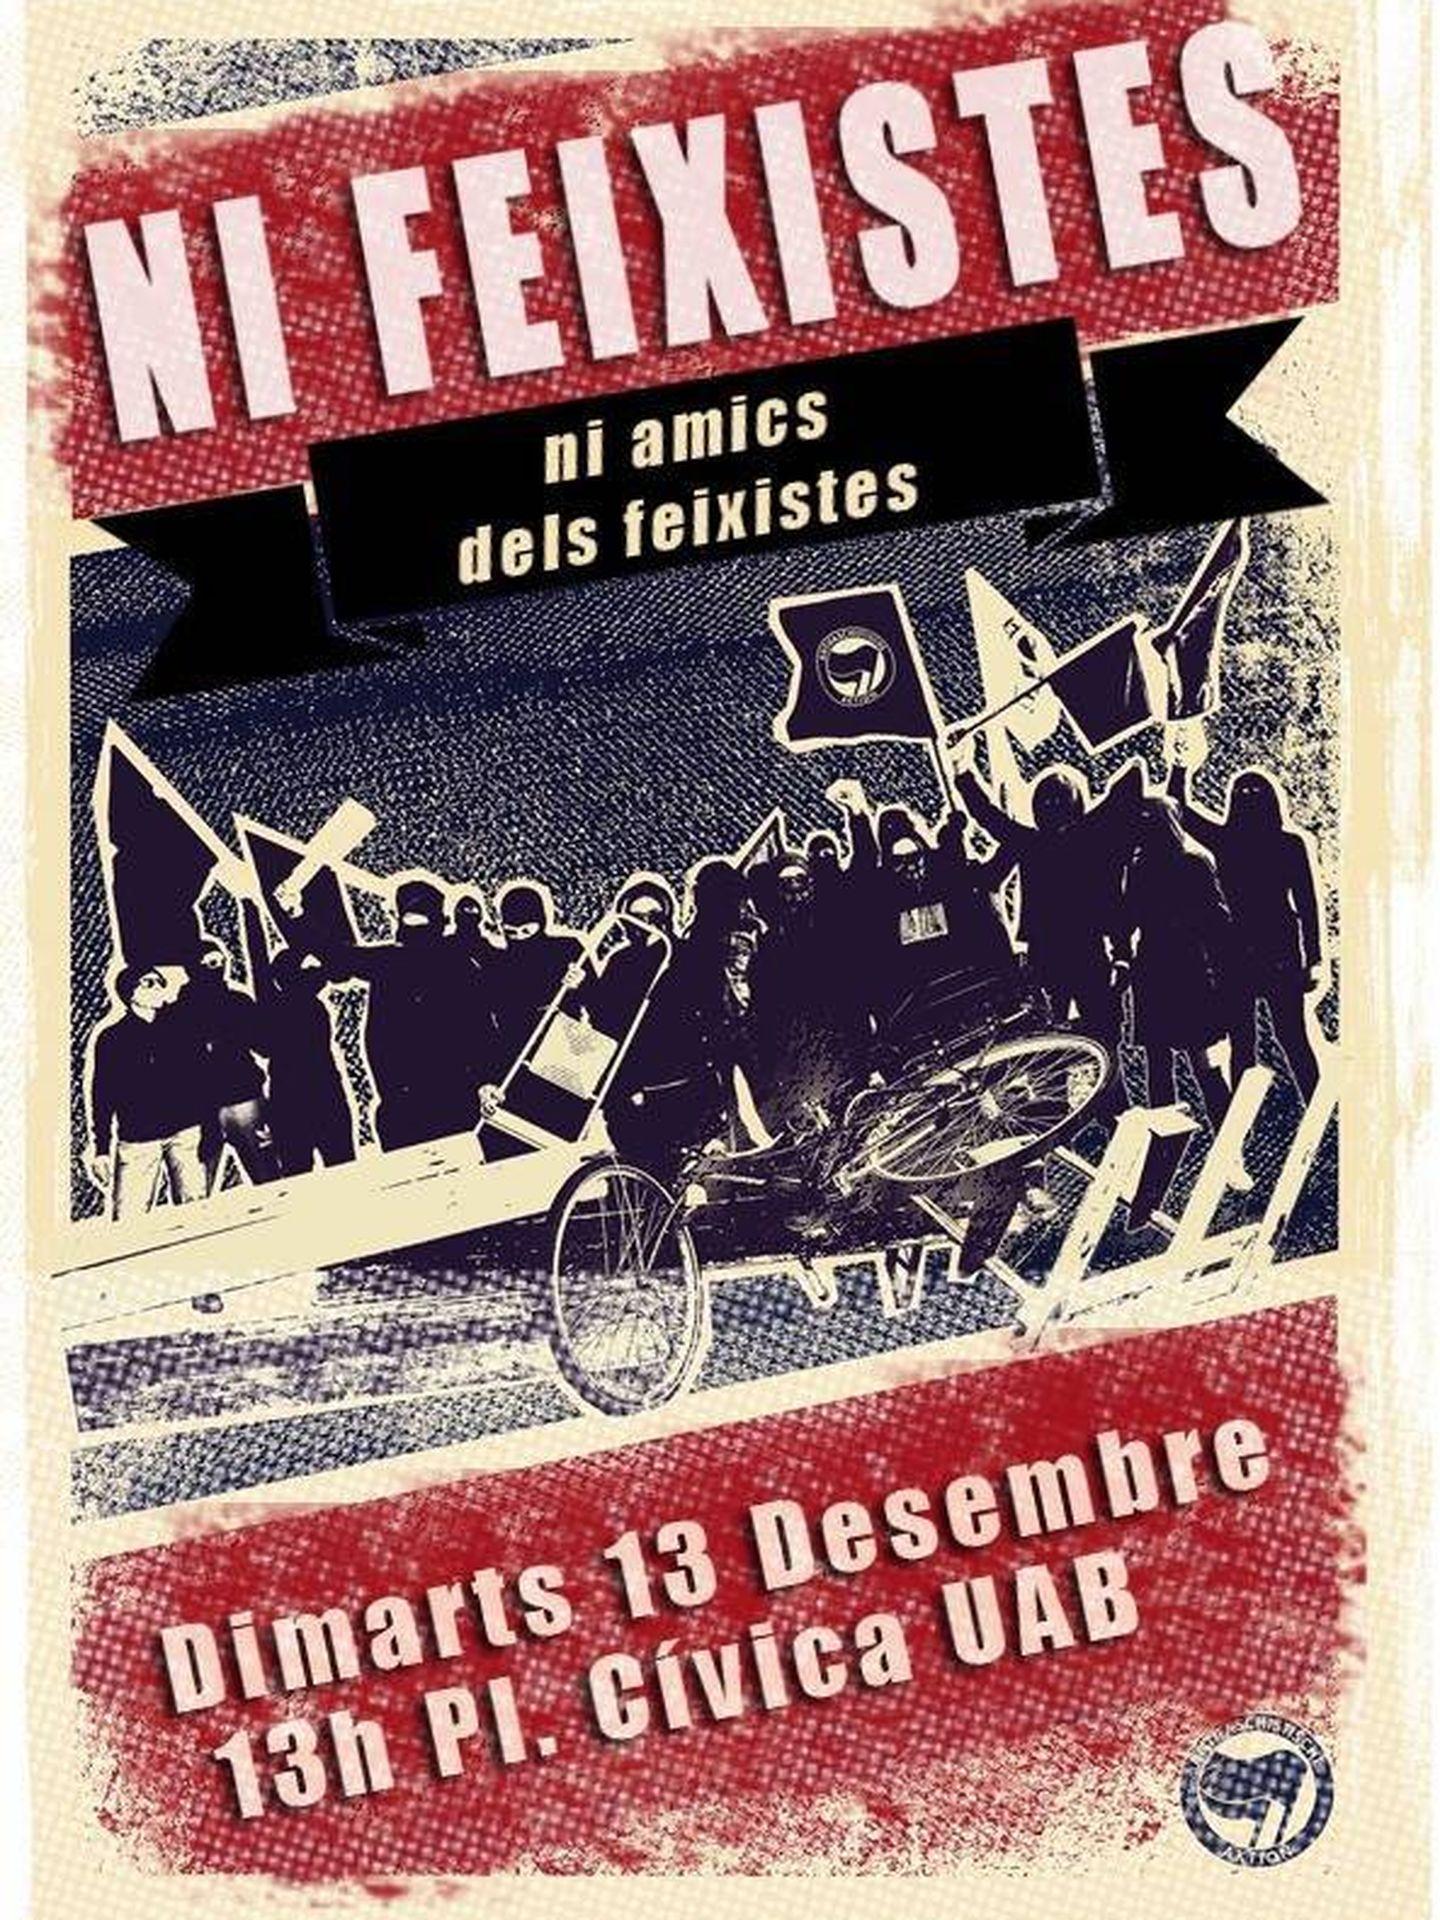 Carteles de la Plataforma Antifascista contra SCC.